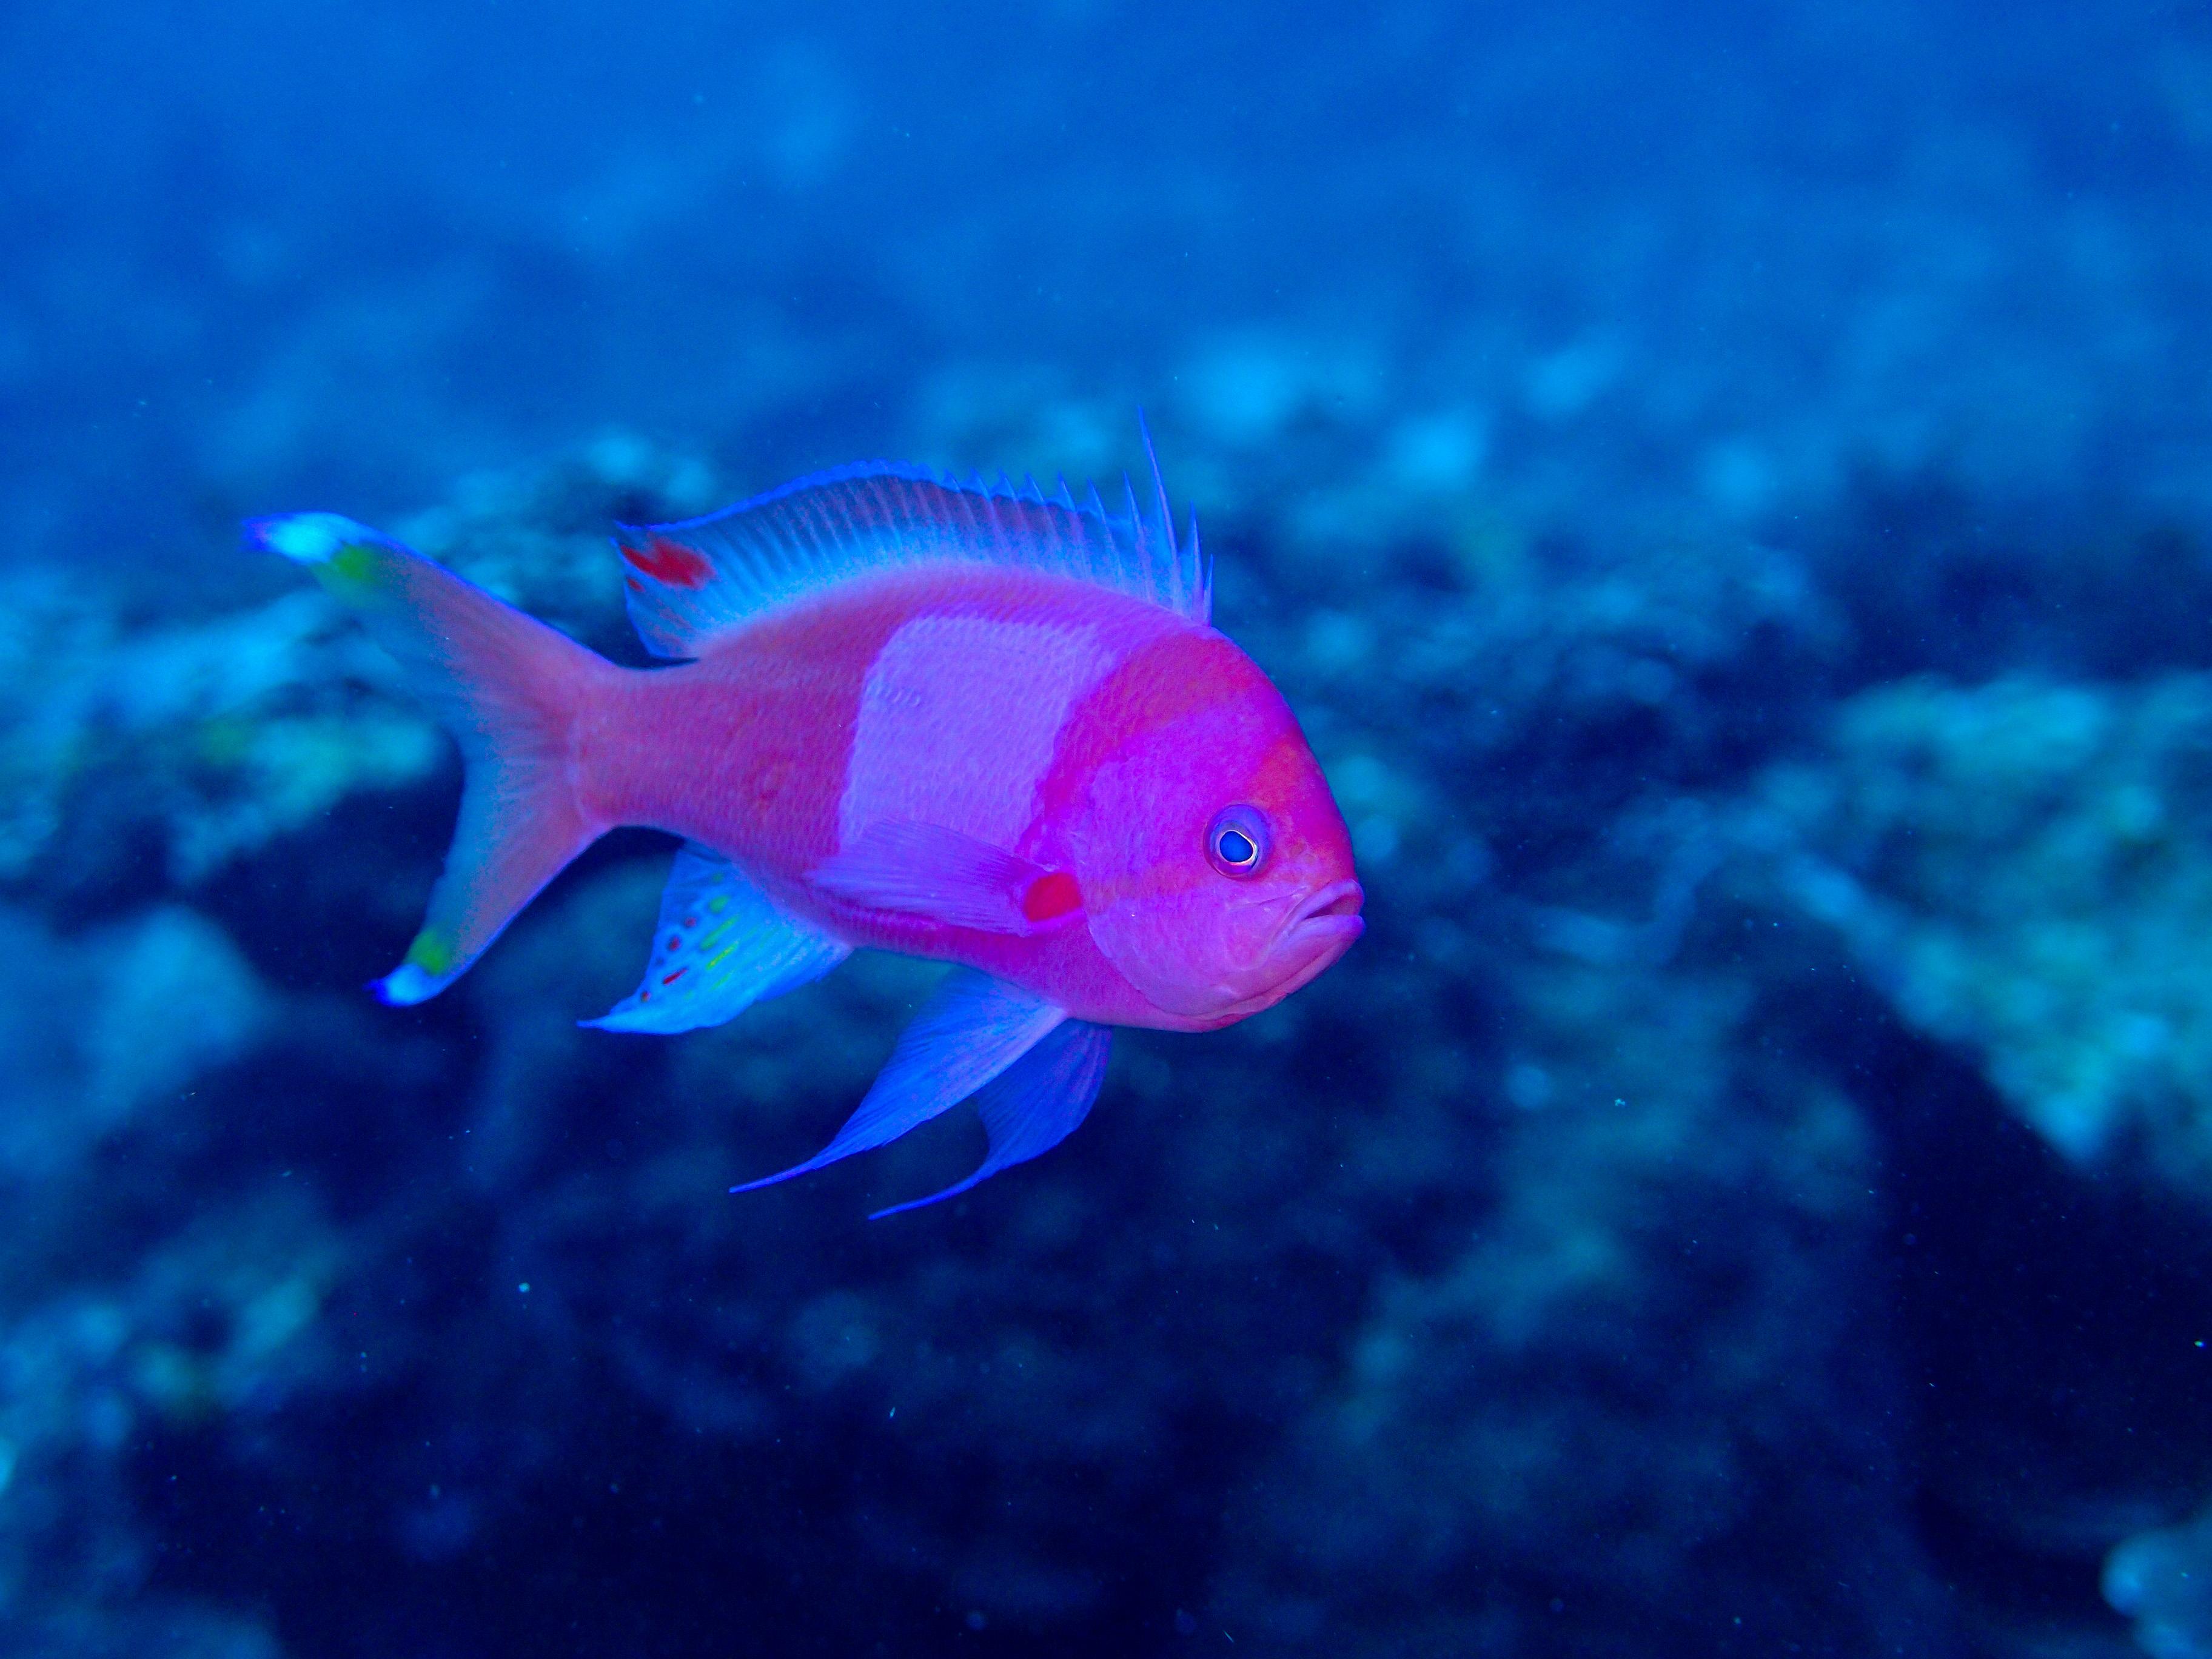 【性転換する魚】スミレナガハナダイの一生!